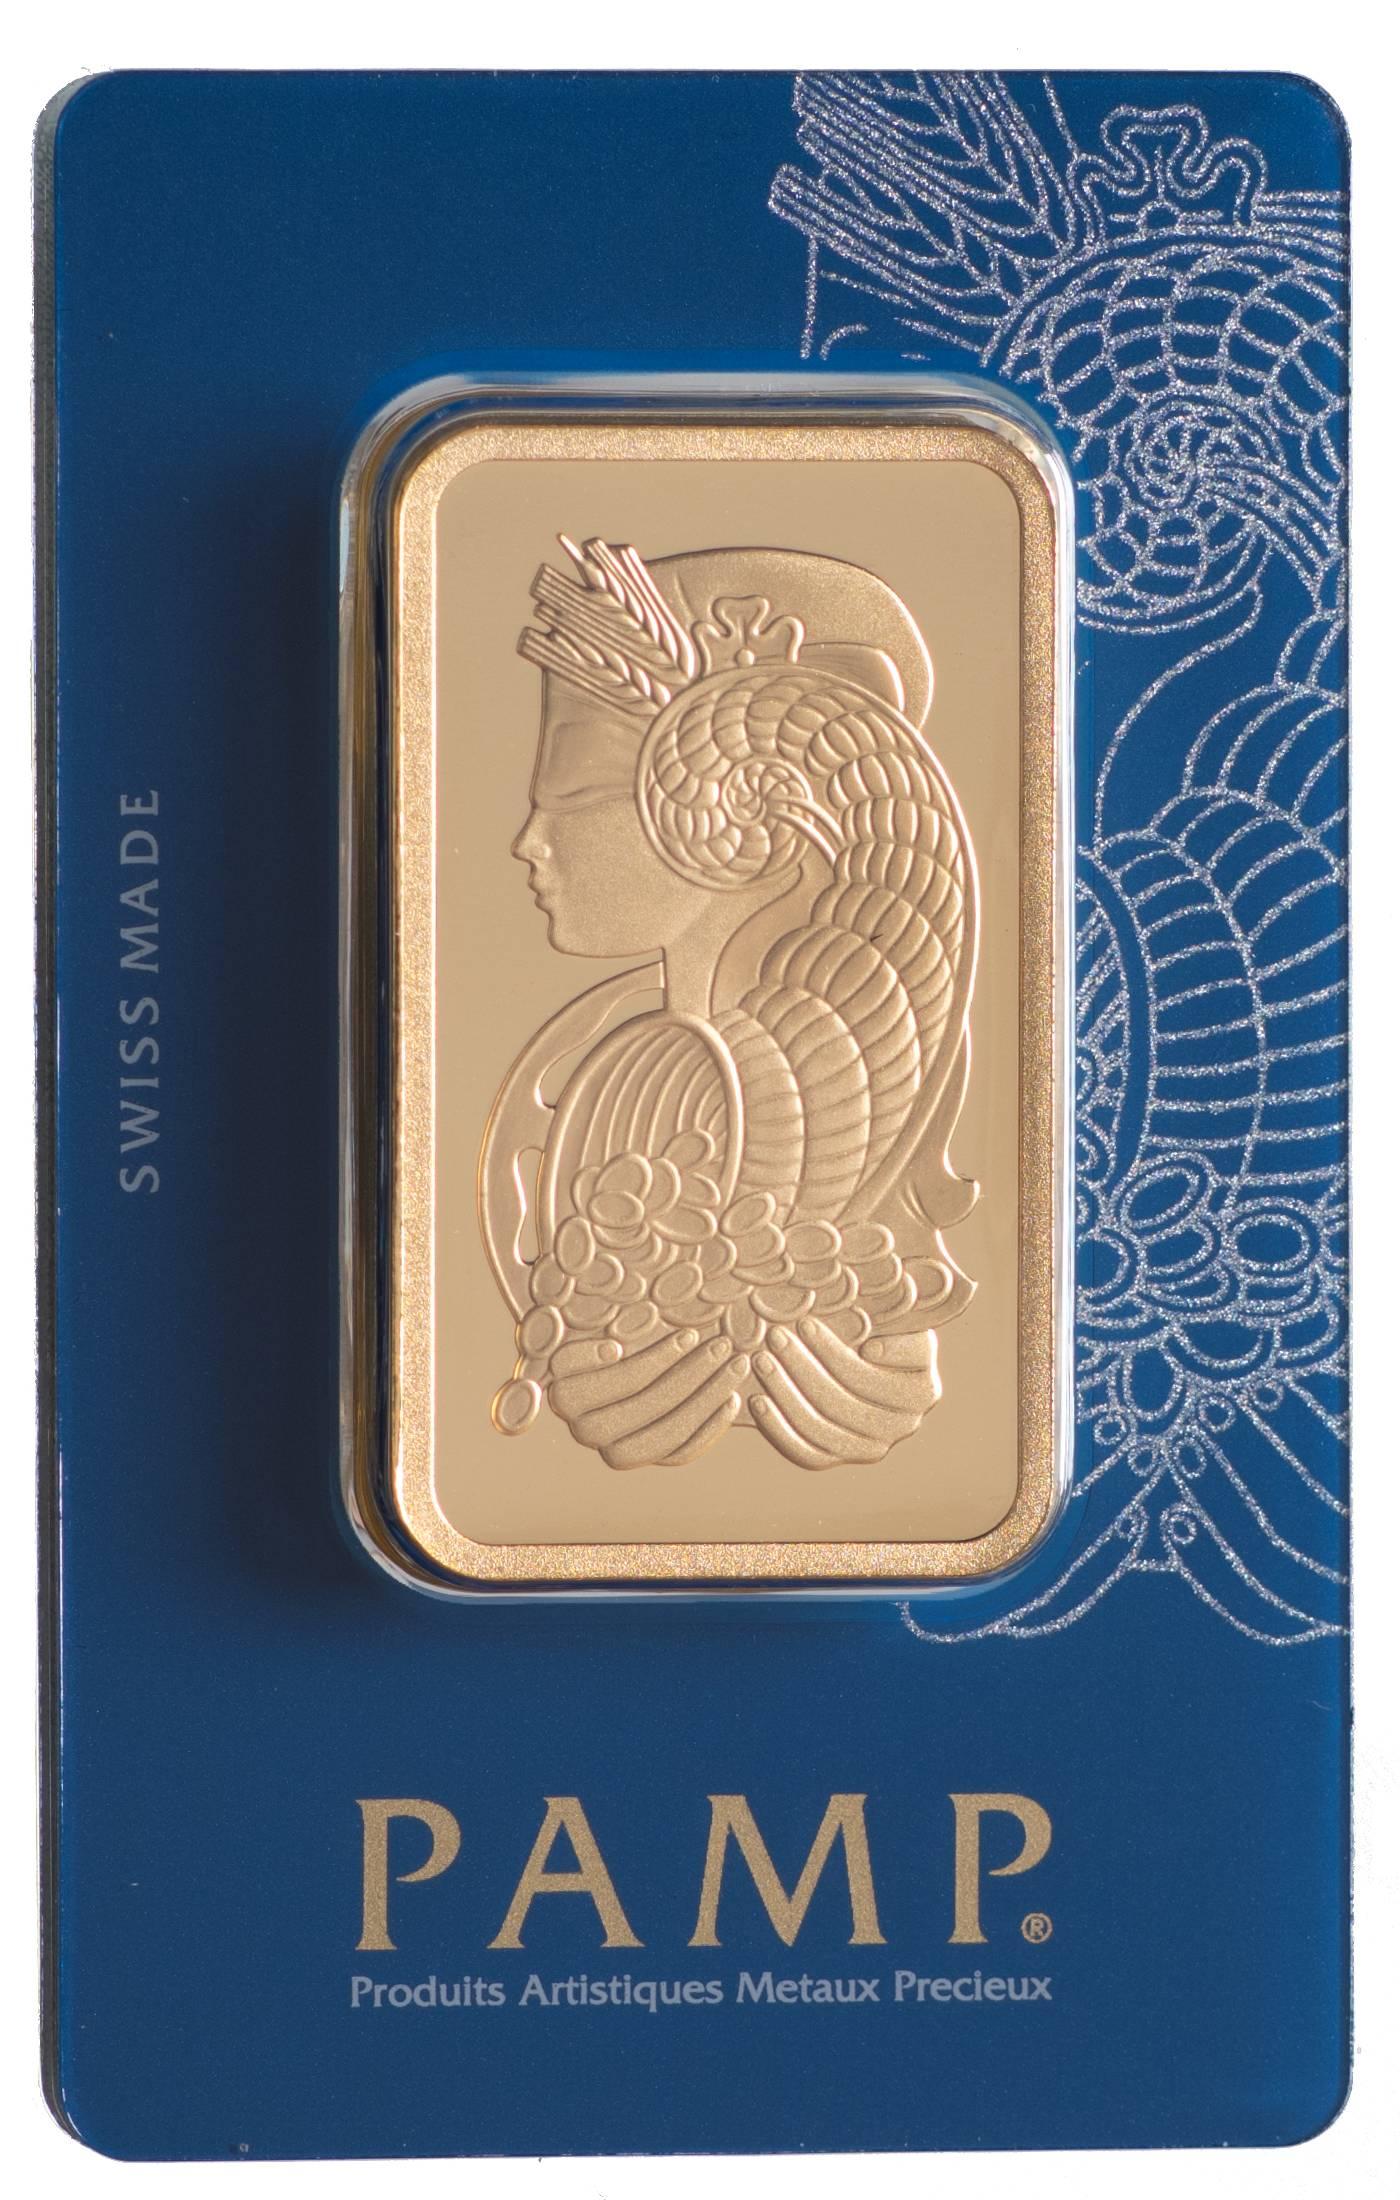 Złota sztabka PAMP Fortuna (100 g)